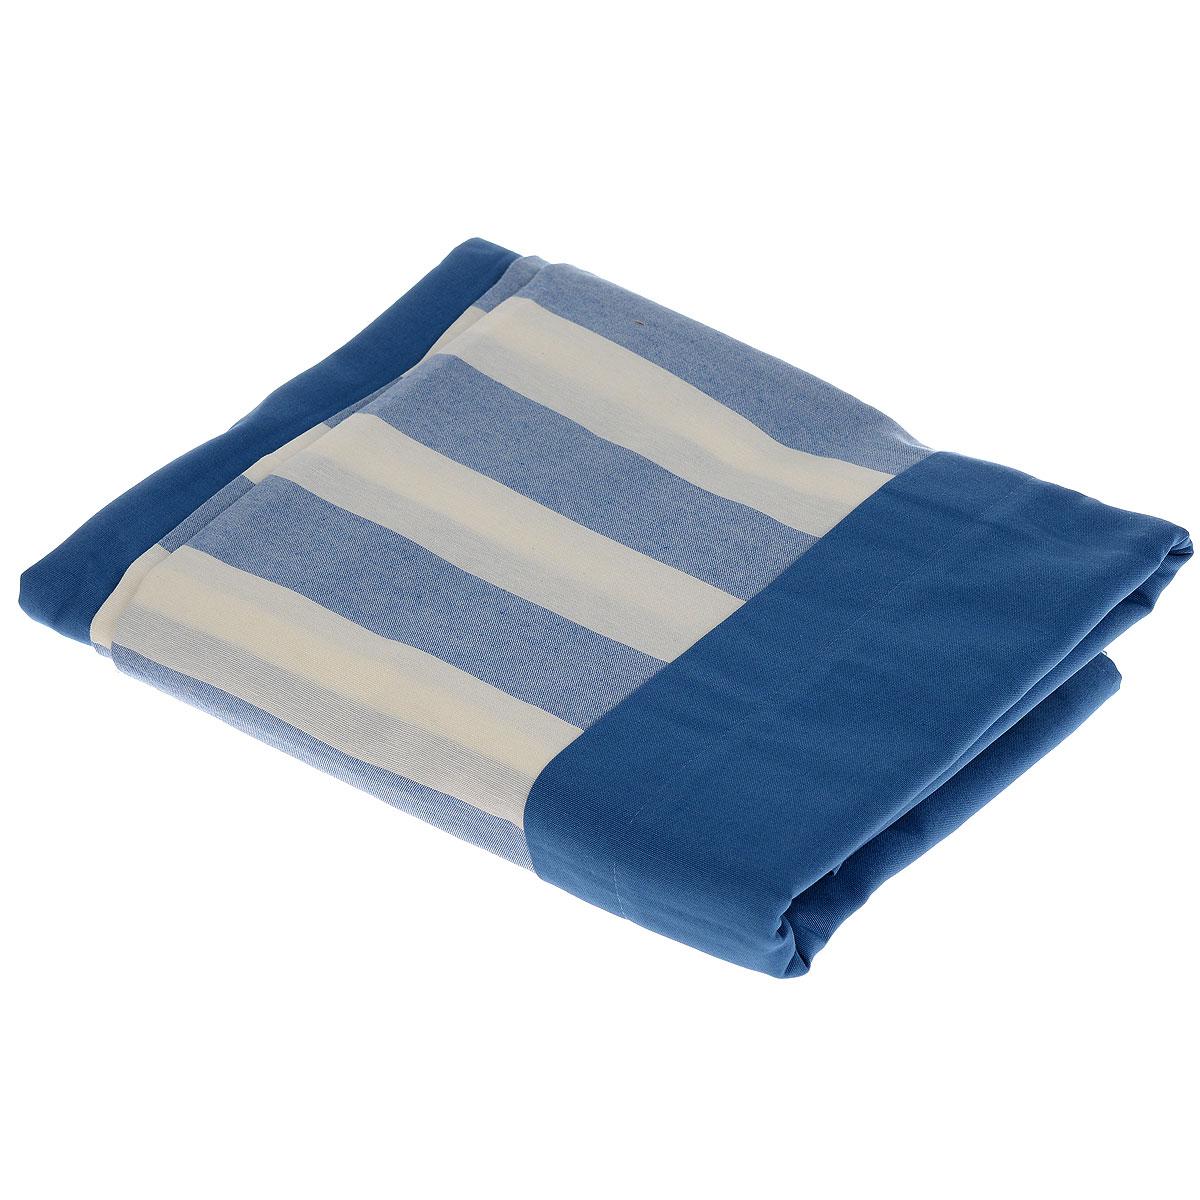 Штора портьерная Kauffort Бриксен, на петлях, цвет: голубой, высота 292 см. UN111104640UN111104640Роскошная портьерная штора Kauffort Бриксен выполнена из полиэстера, хлопка и акрила. Материал прочный, плотный и при этом мягкий на ощупь. Штора имеет оригинальную текстуру ткани и приятный дизайн, благодаря чему привлечет к себе внимание и органично впишется в интерьер помещения. Эта штора будет долгое время радовать вас и вашу семью! Штора крепится на карниз при помощи петель. Также имеется шторная лента, которая поможет красиво и равномерно задрапировать верх. В комплект входит: Штора - 1 шт. Размер (Ш х В): 148 см х 292 см.